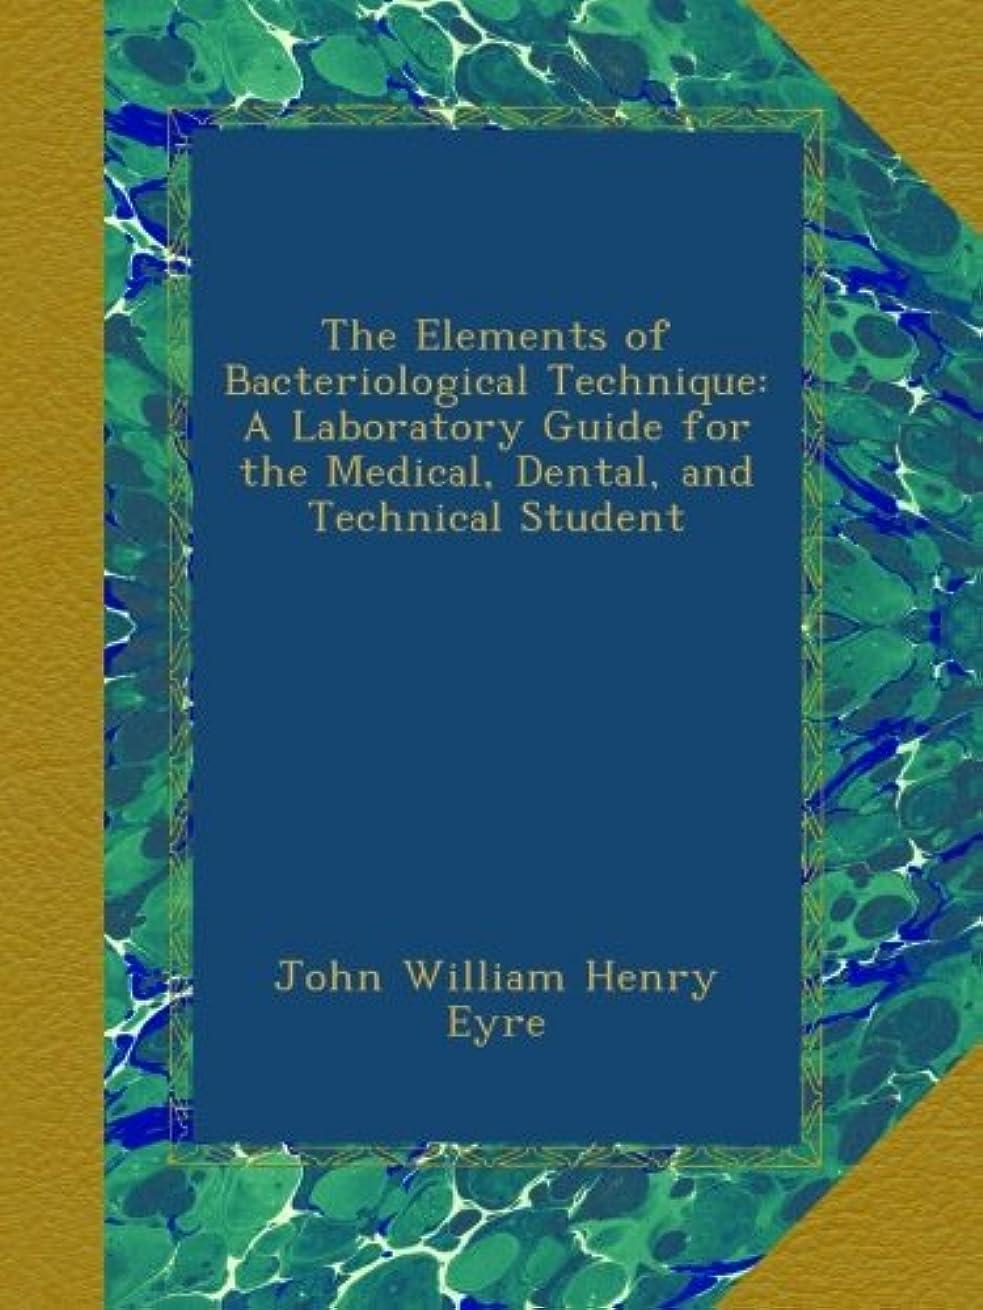 ご覧ください当社怒るThe Elements of Bacteriological Technique: A Laboratory Guide for the Medical, Dental, and Technical Student